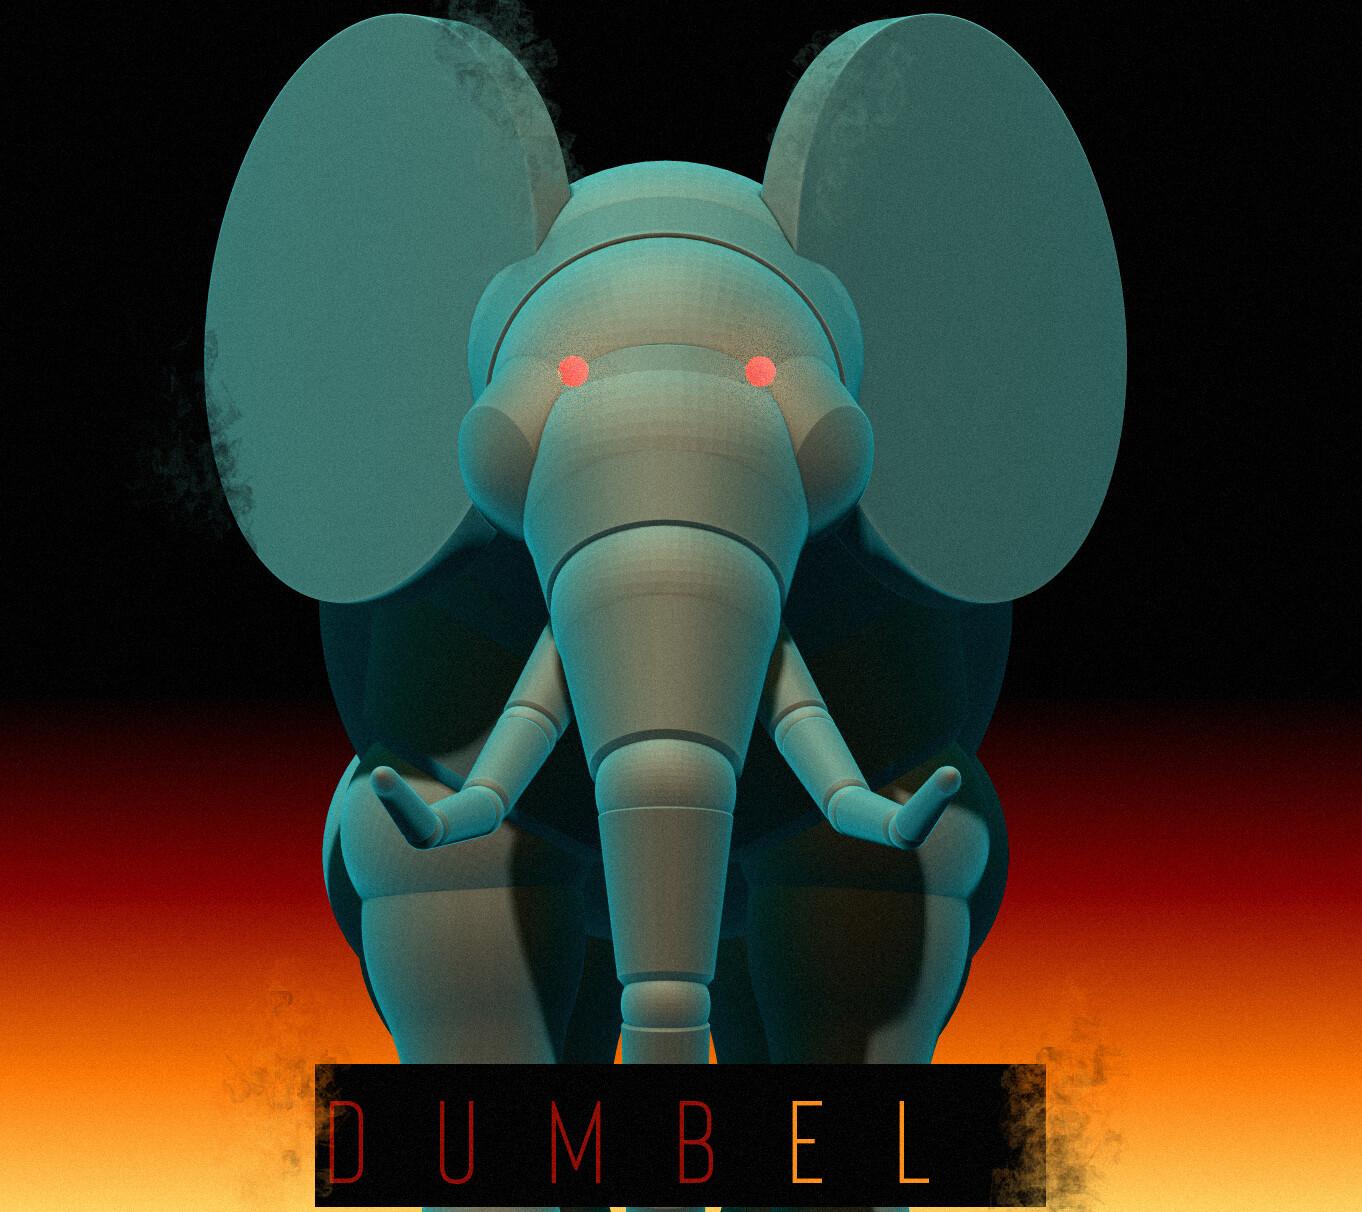 DUMBEL